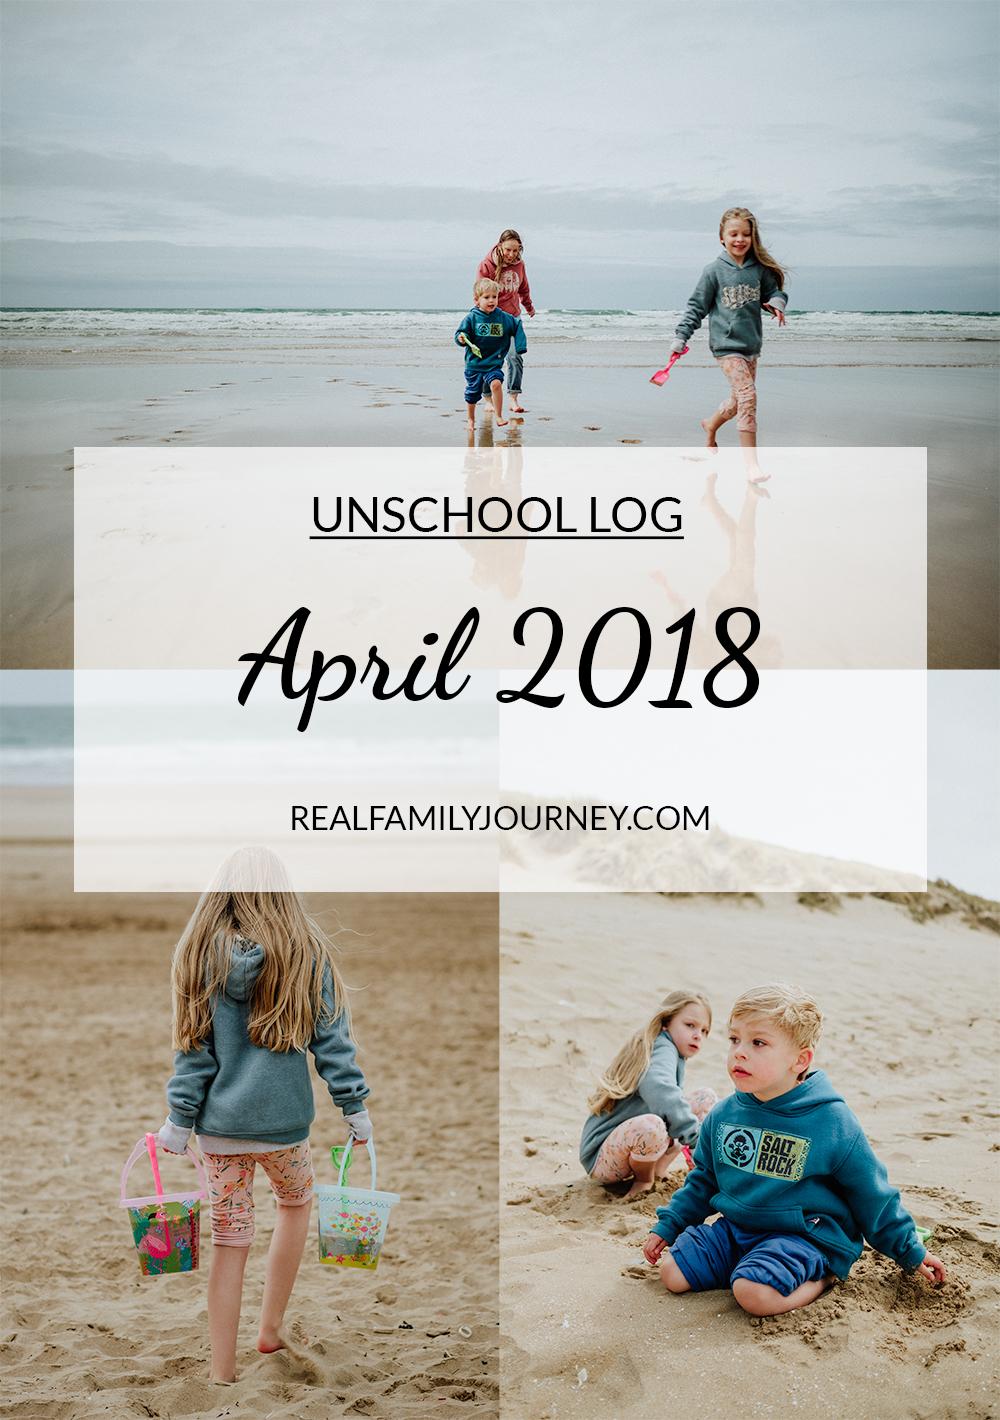 Unschool log April 2018 www.realfamilyjourney.com